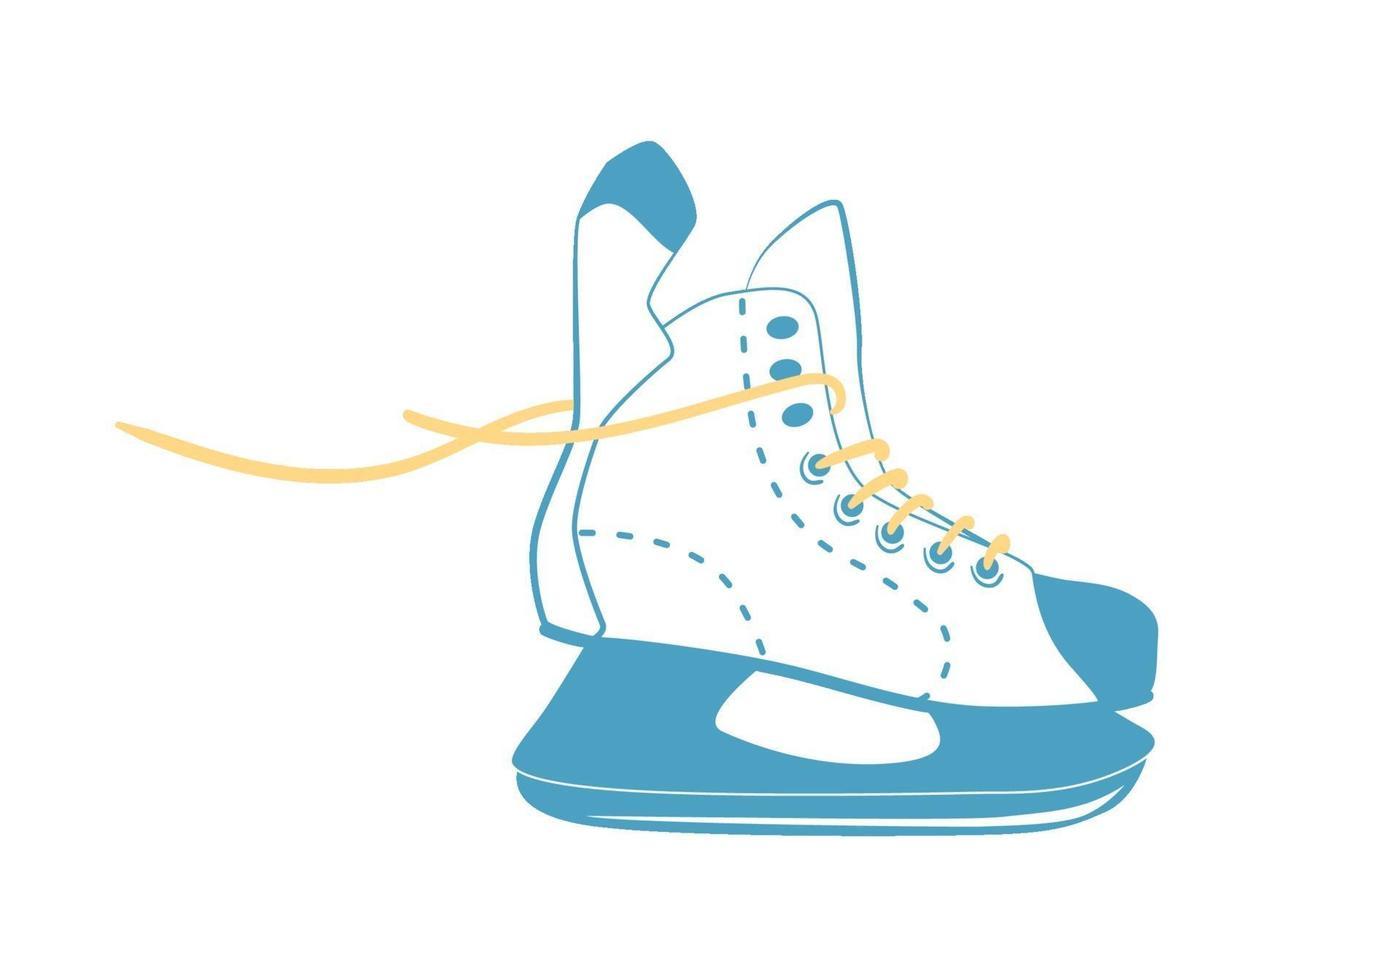 skridskor för hockey med ljusa snören i linjestil. sportutrustning logotyp. sidovy. vektorillustration isolerad på vit bakgrund. vektor